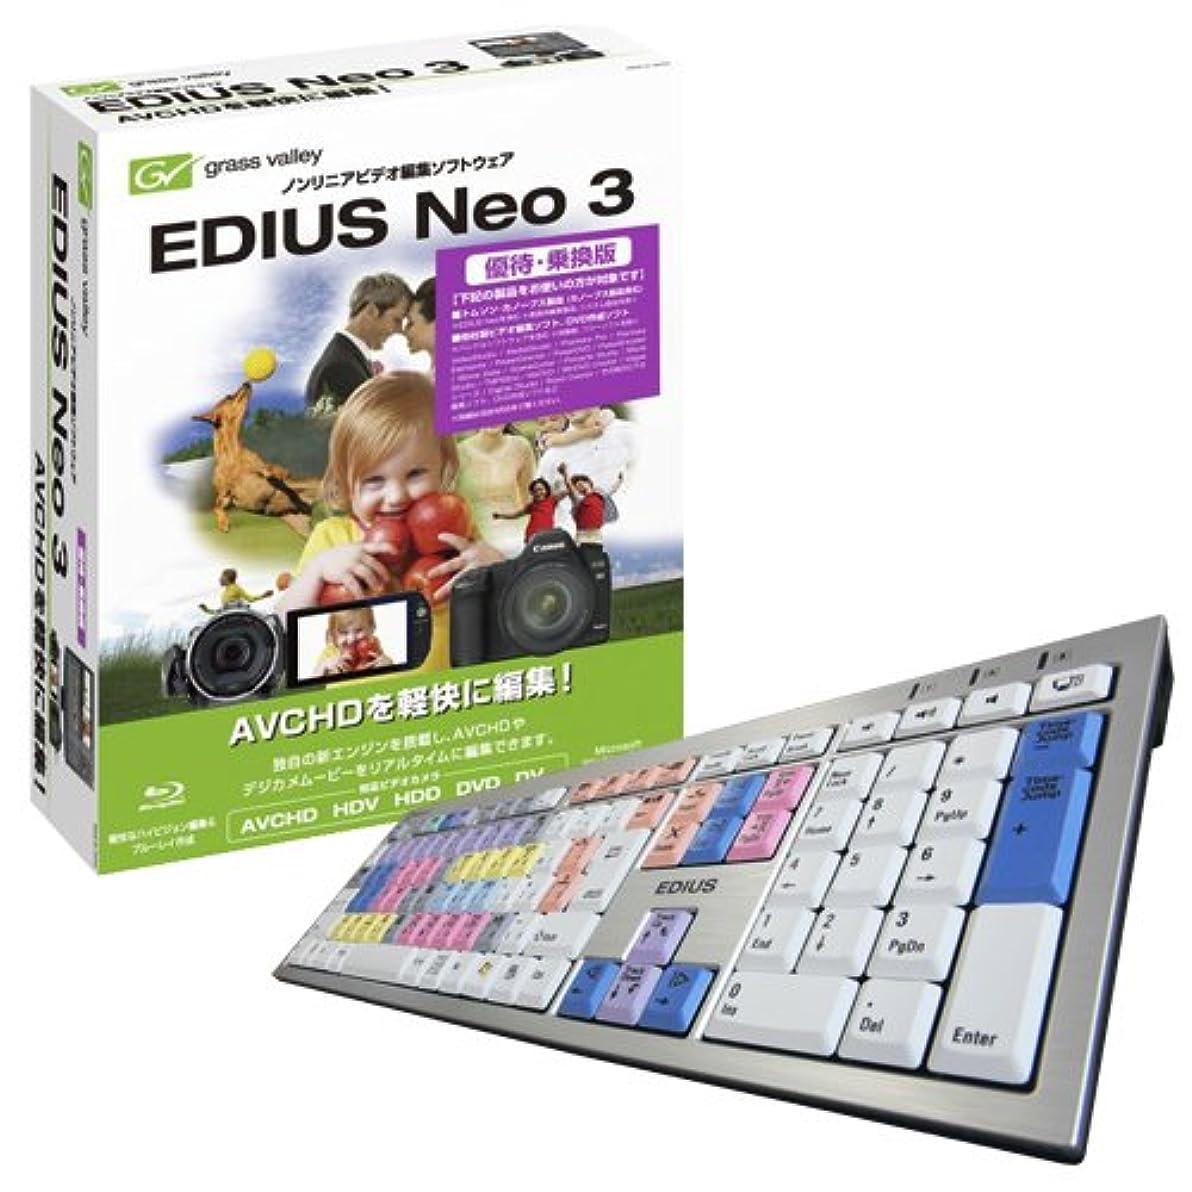 ジャグリング一時解雇する行商人EDIUS Neo 3優待版+EDIUSキーボード for Logic